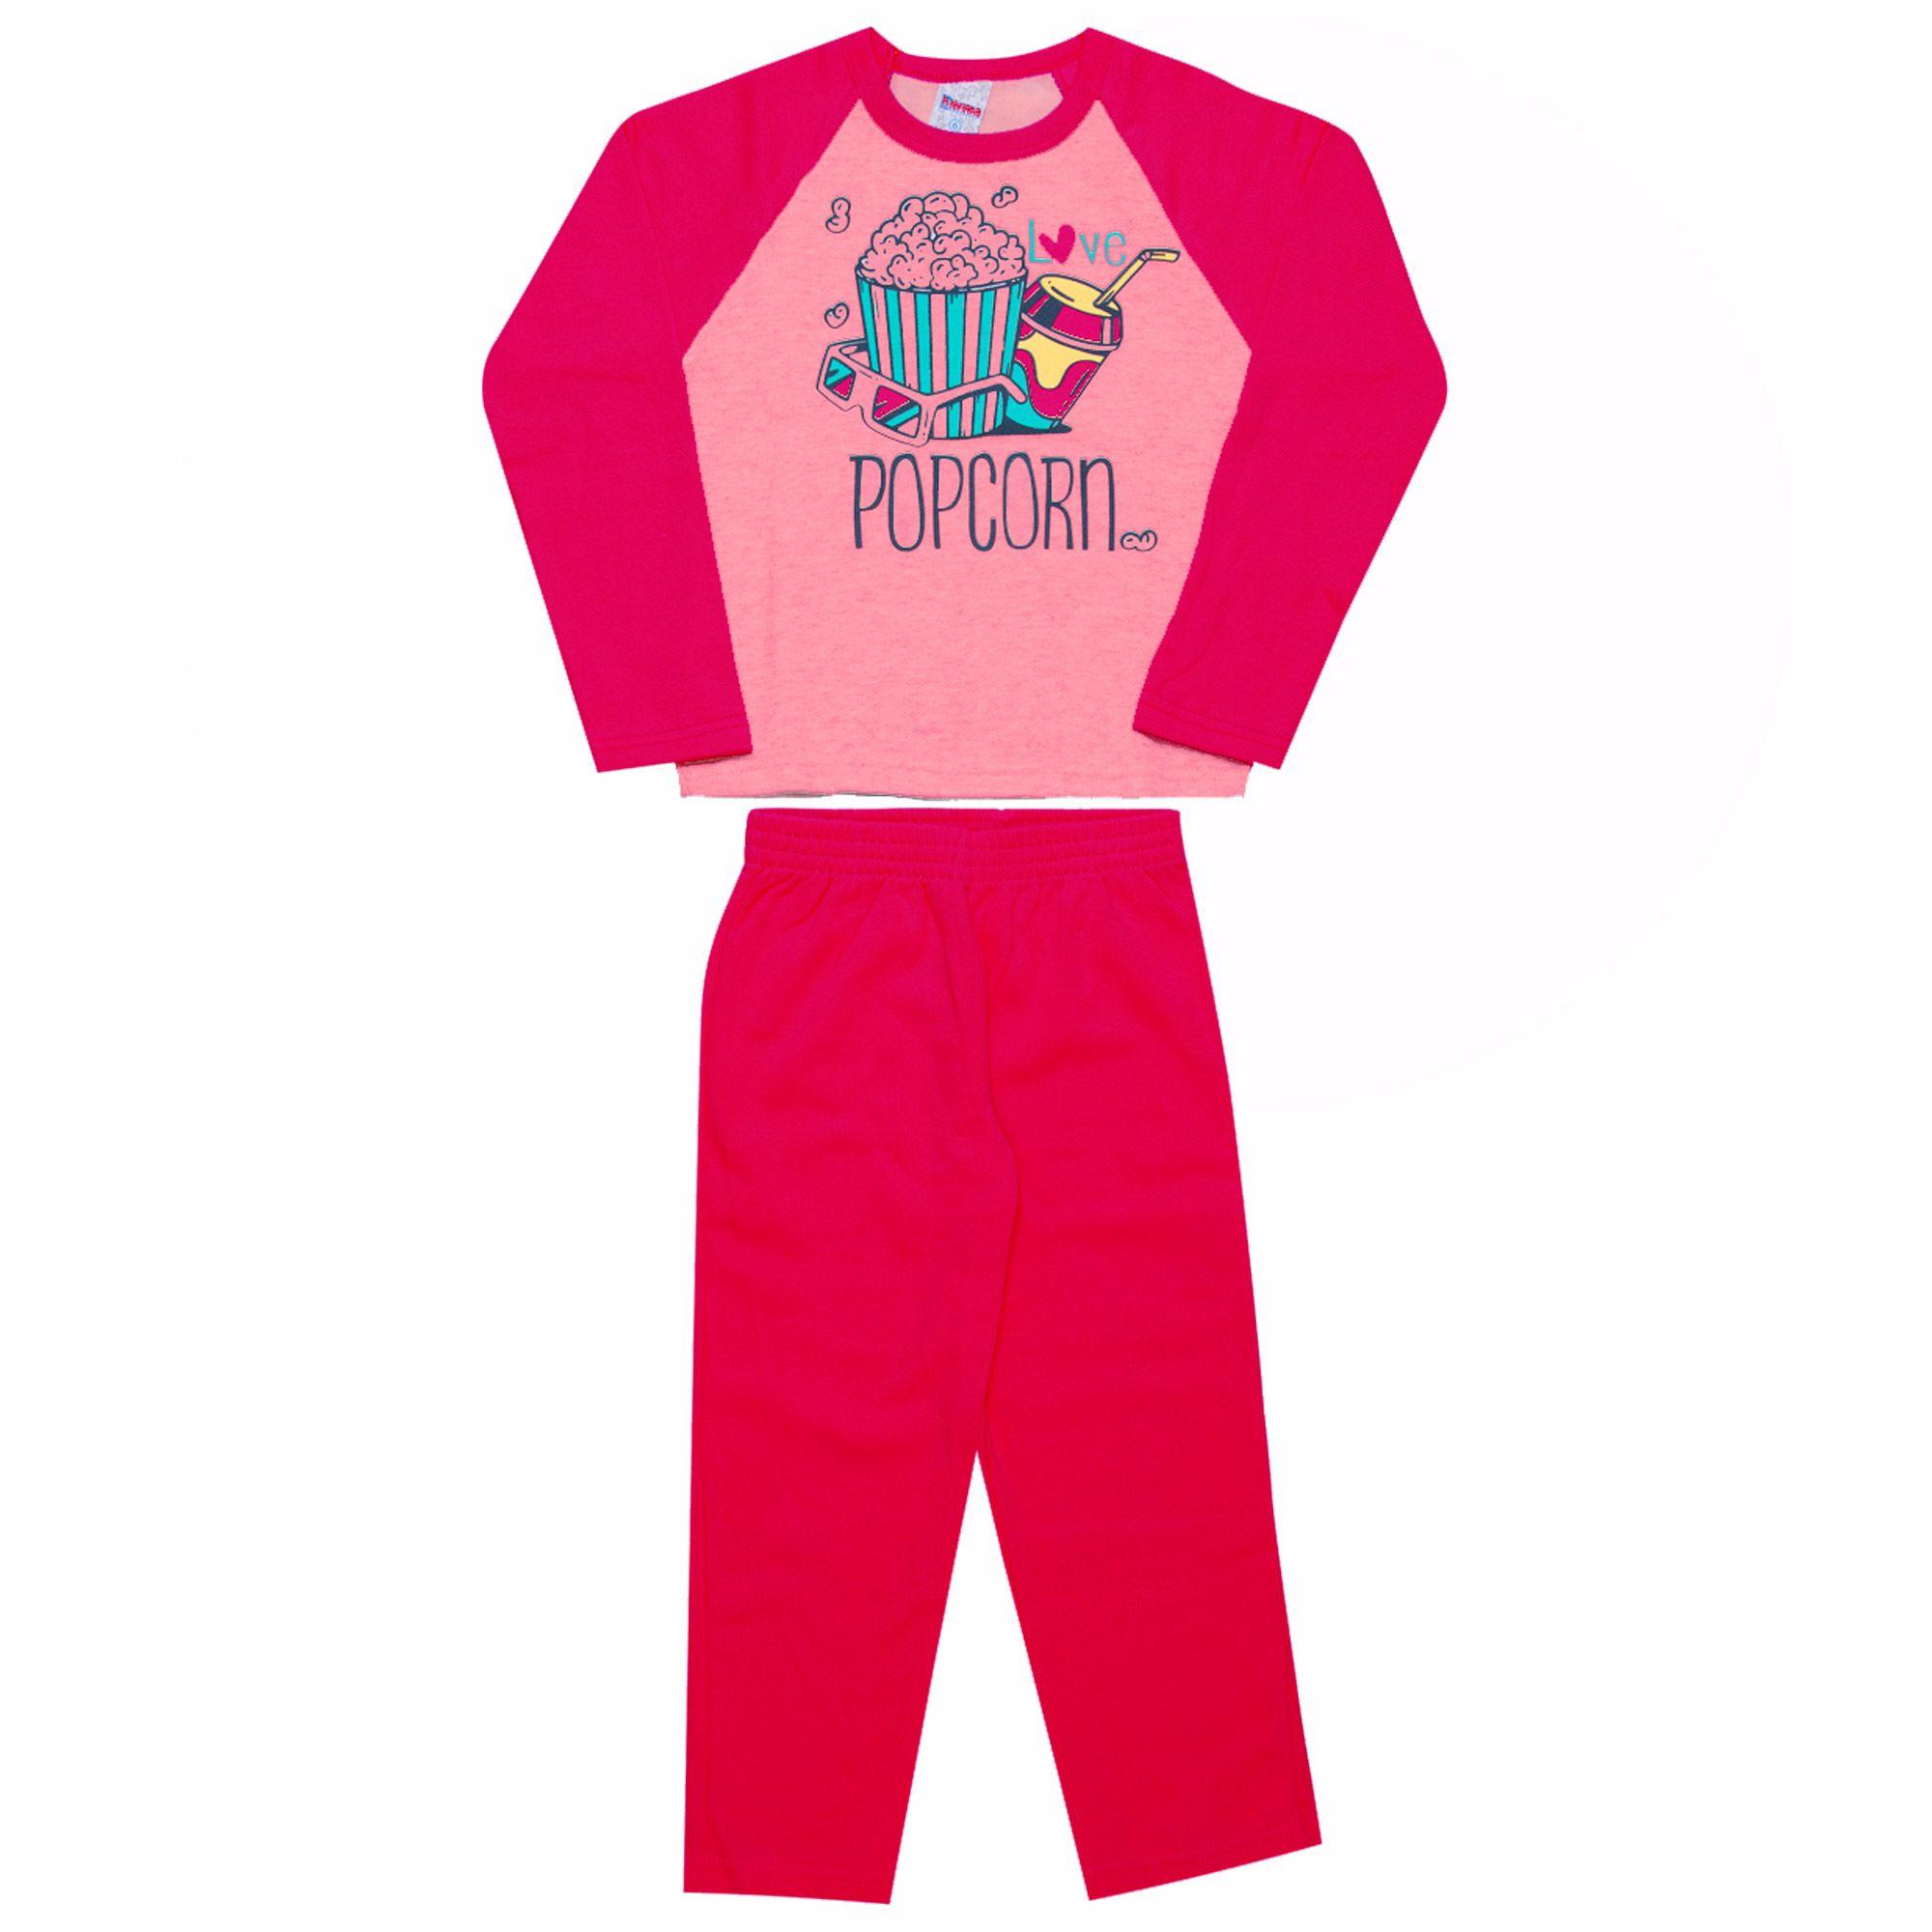 Conjunto Infantil Feminino  2 peças - Ref 1948 - Rosa/Pink